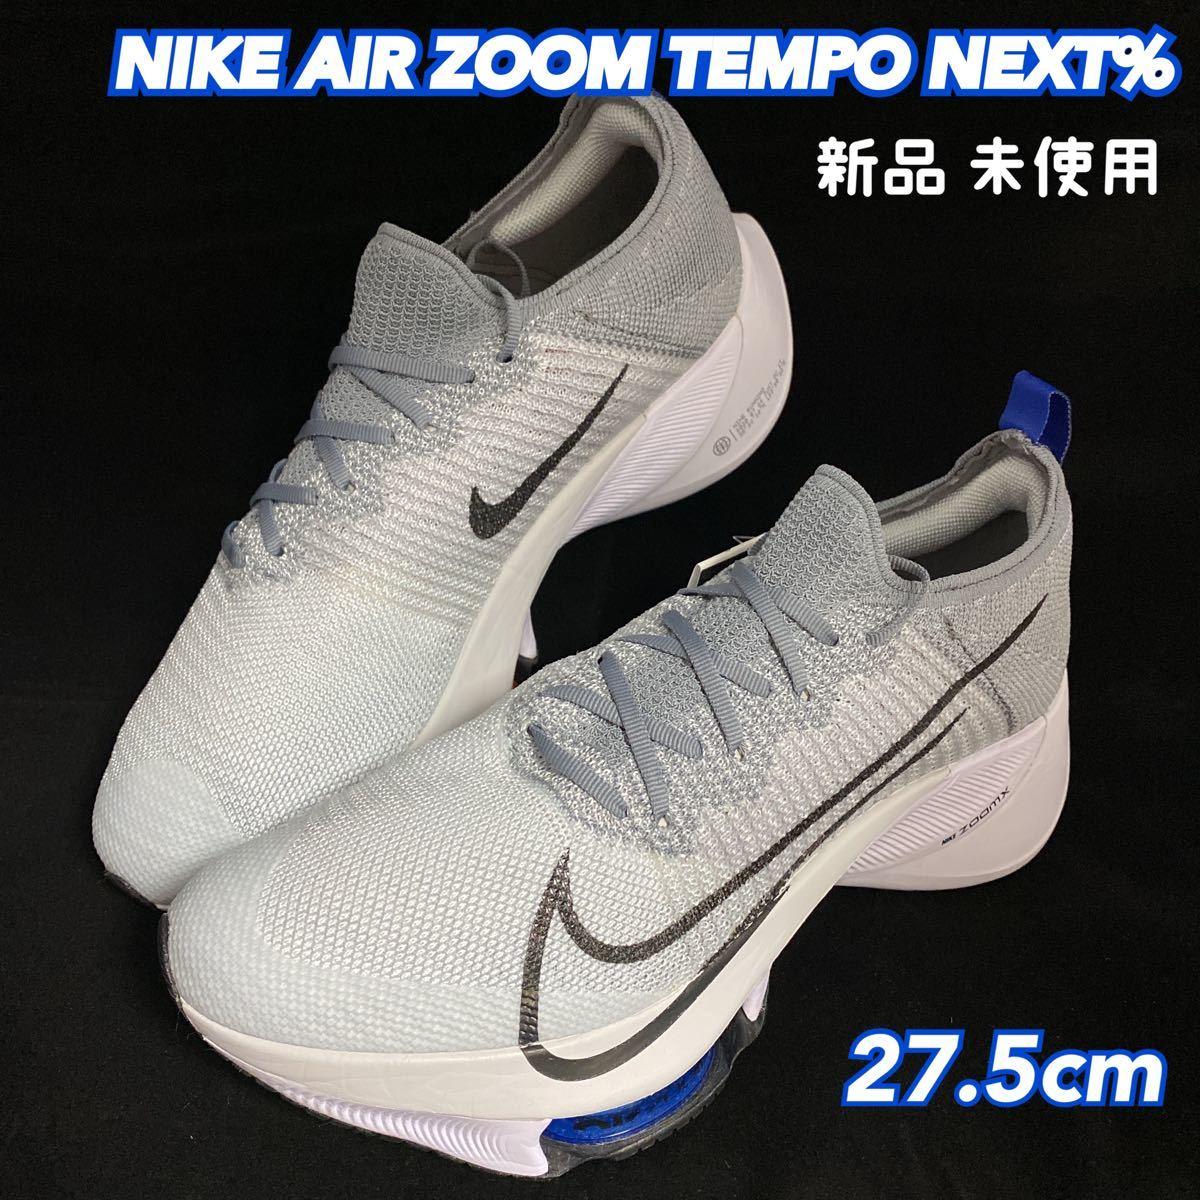 【新品/箱タグ付】ナイキエアズームテンポネクスト%  27.5cm/NIKE AIR ZOOM TENPO NEXT%